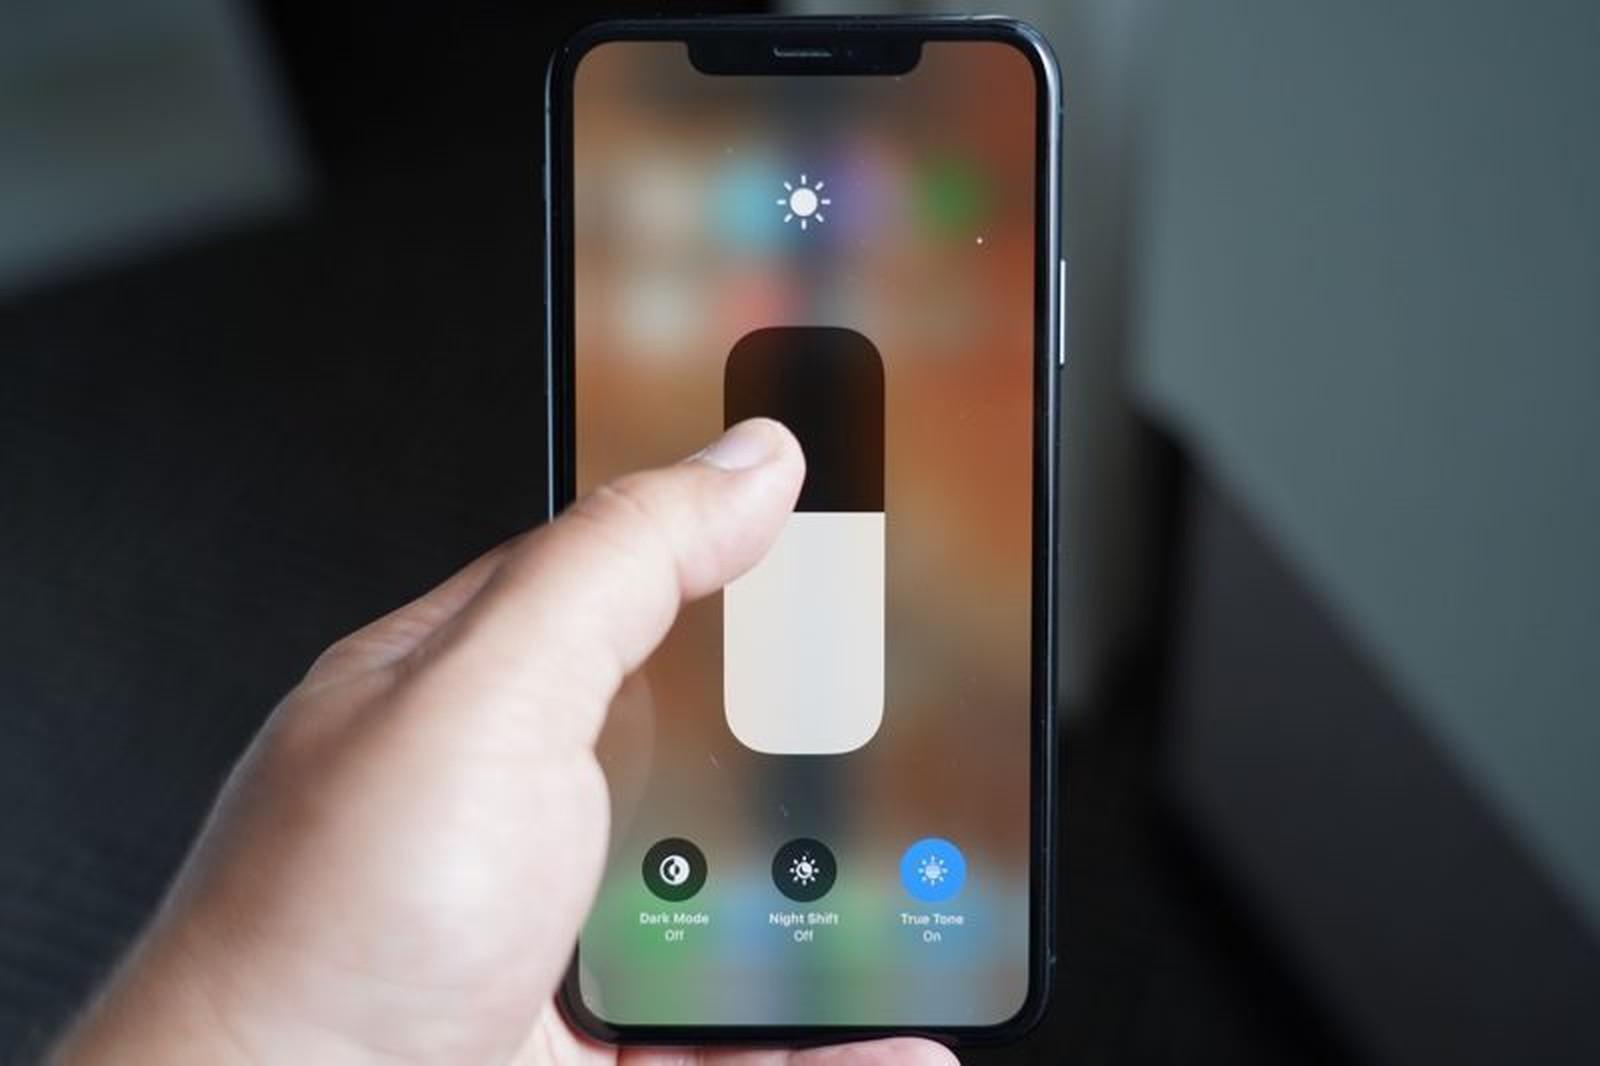 Haptic Touch là gì? Lý do gì Apple thay thế 3D Touch thành Haptic Touch trên các dòng iPhone mới 2